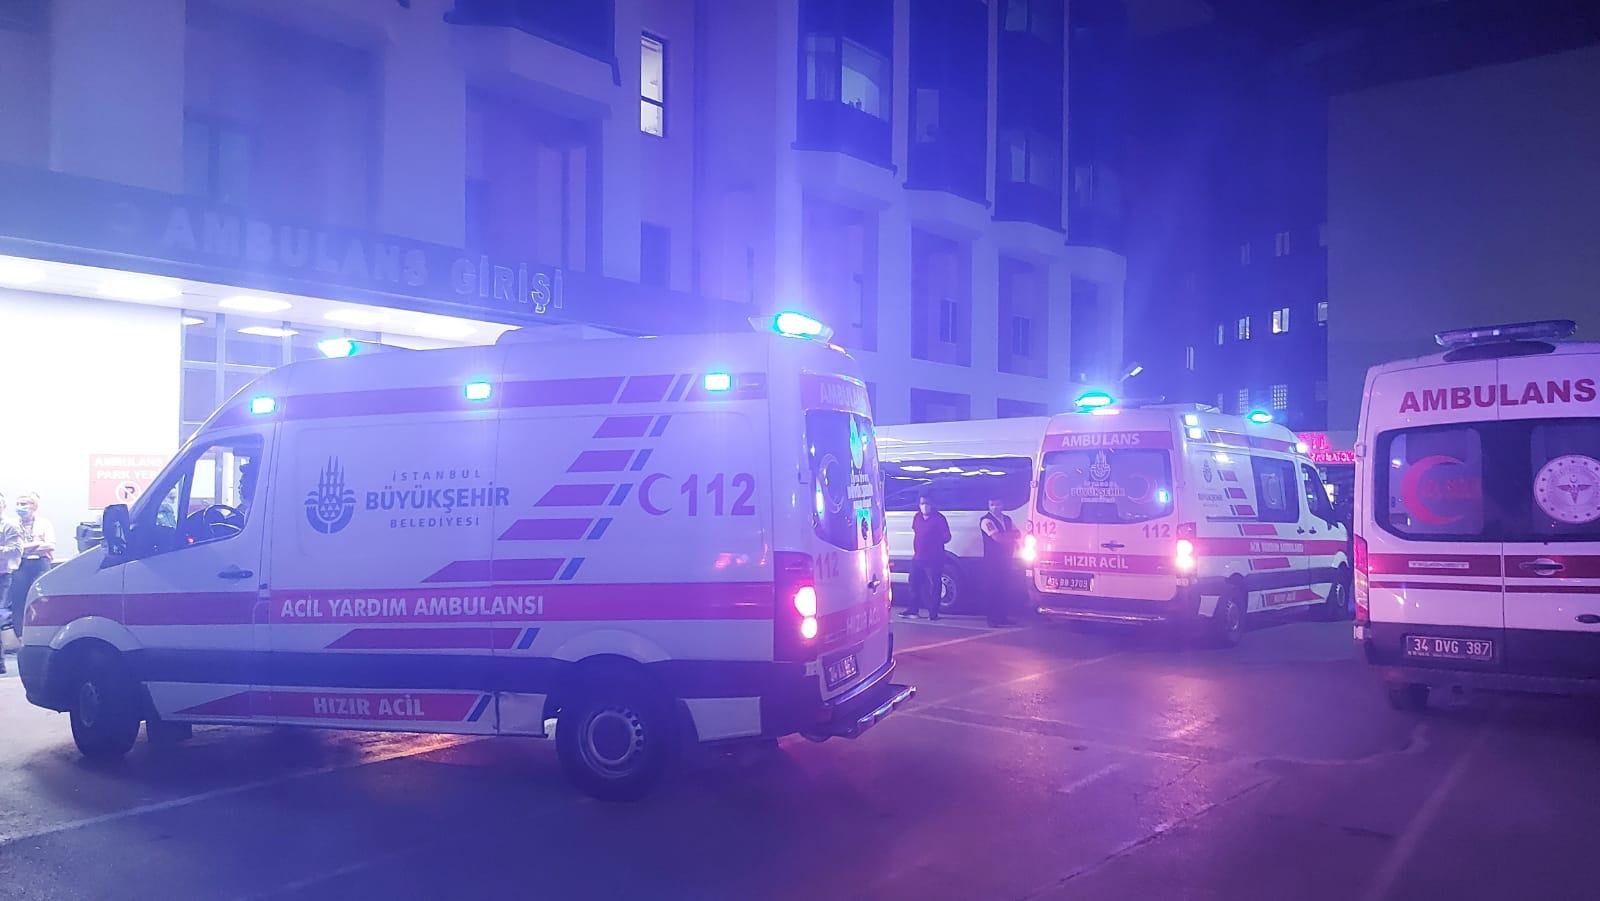 Bağcılar'da 112 çalışanına bıçaklı saldırı, 3 kişi yaralı